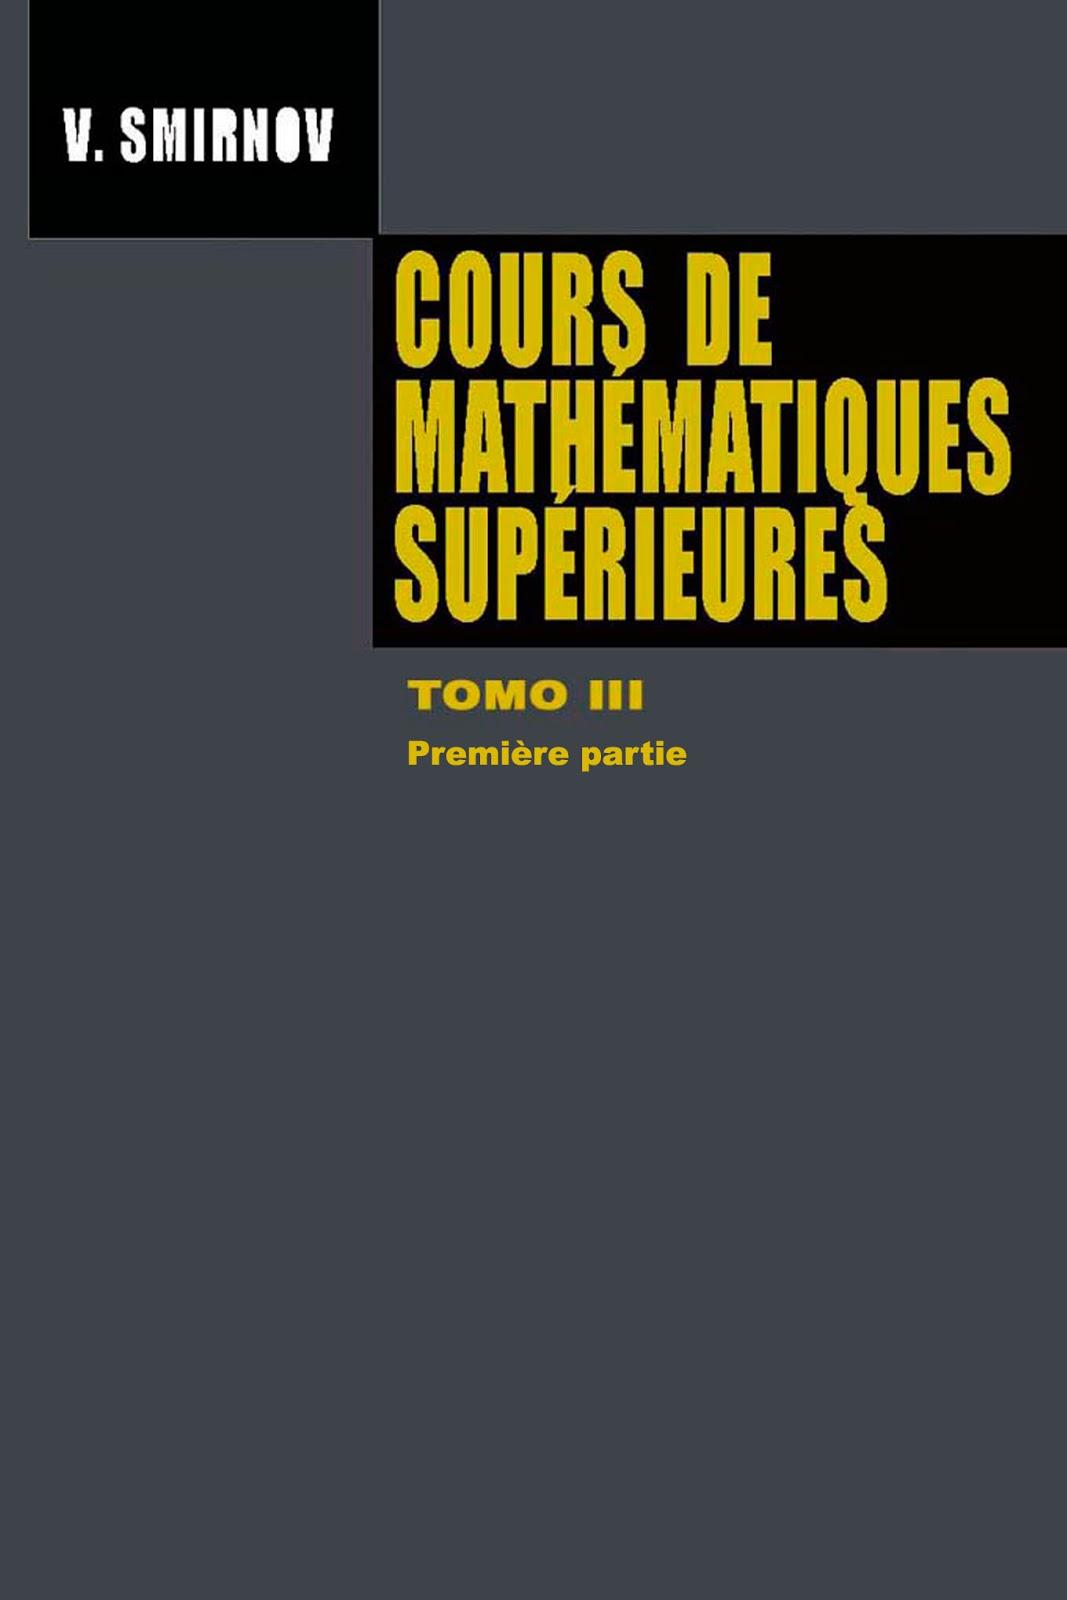 Cours de Mathématiques Supérieures, Tome III. Première partie – V. Smirnov